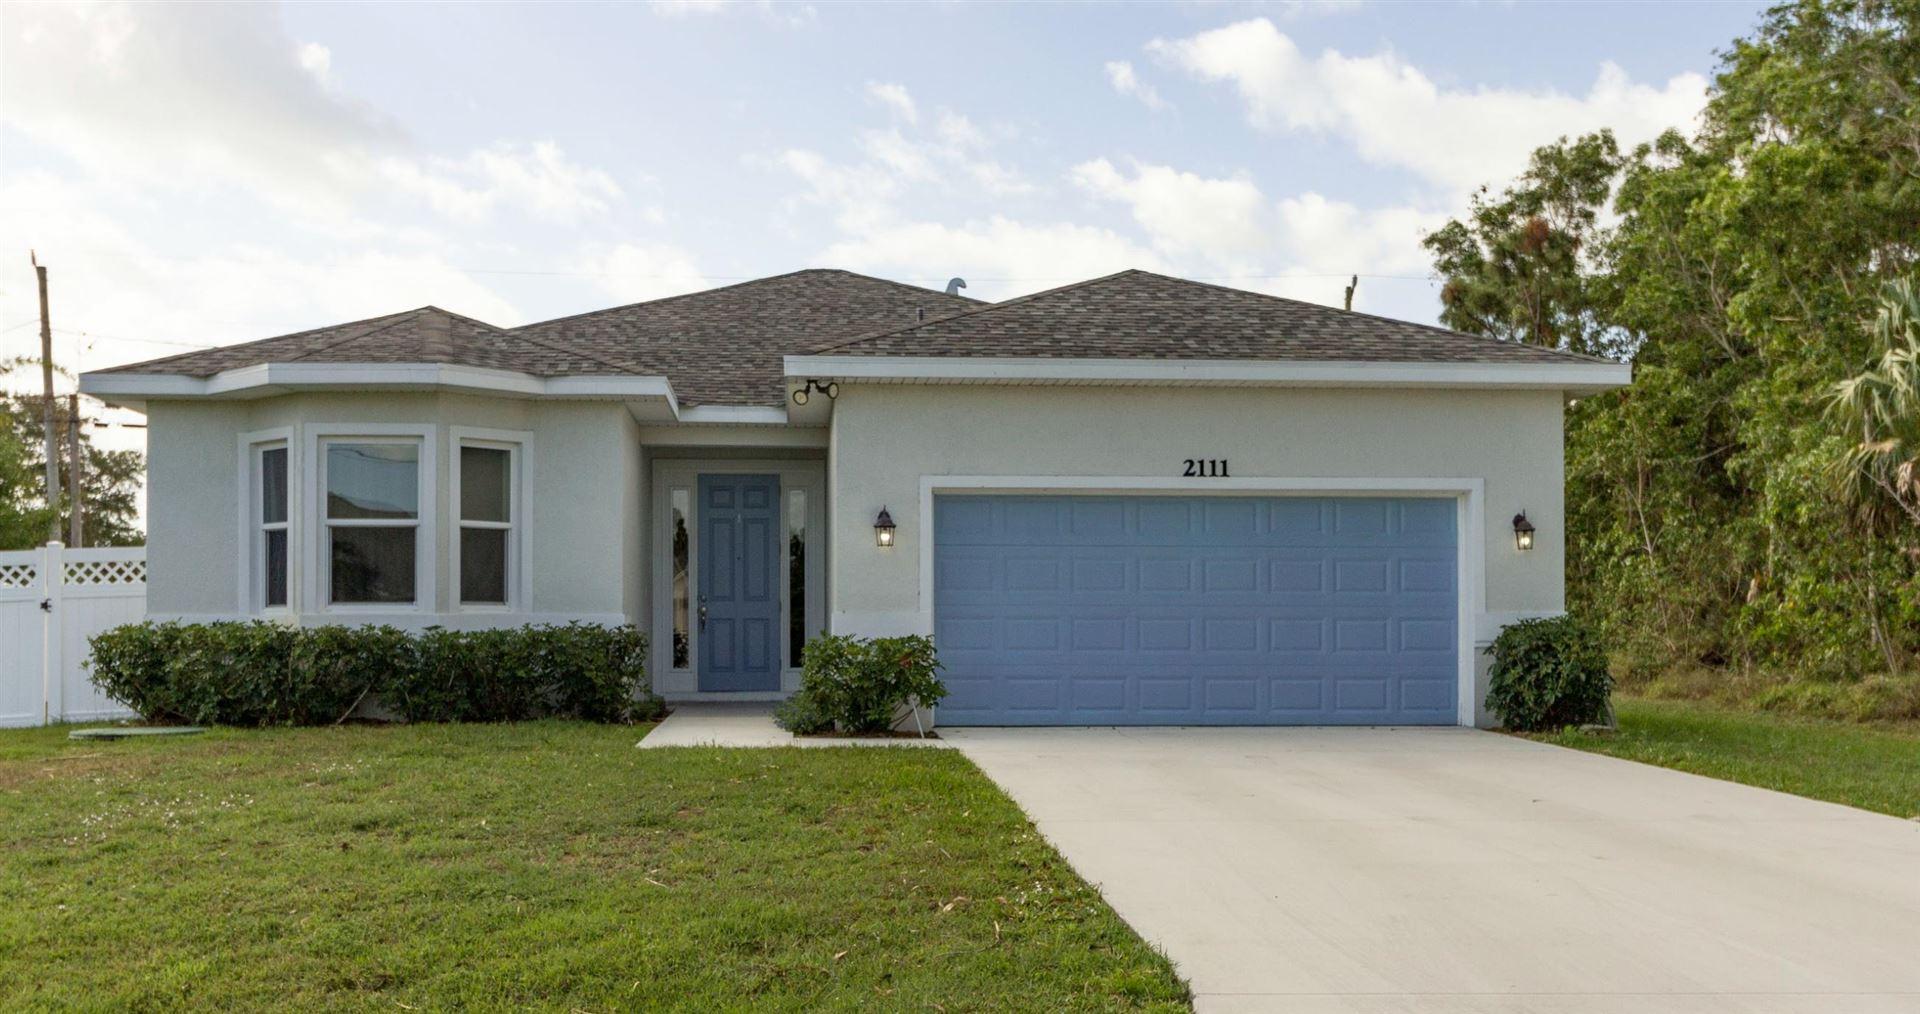 2111 SE Mandrake Circle, Port Saint Lucie, FL 34952 - #: RX-10713800